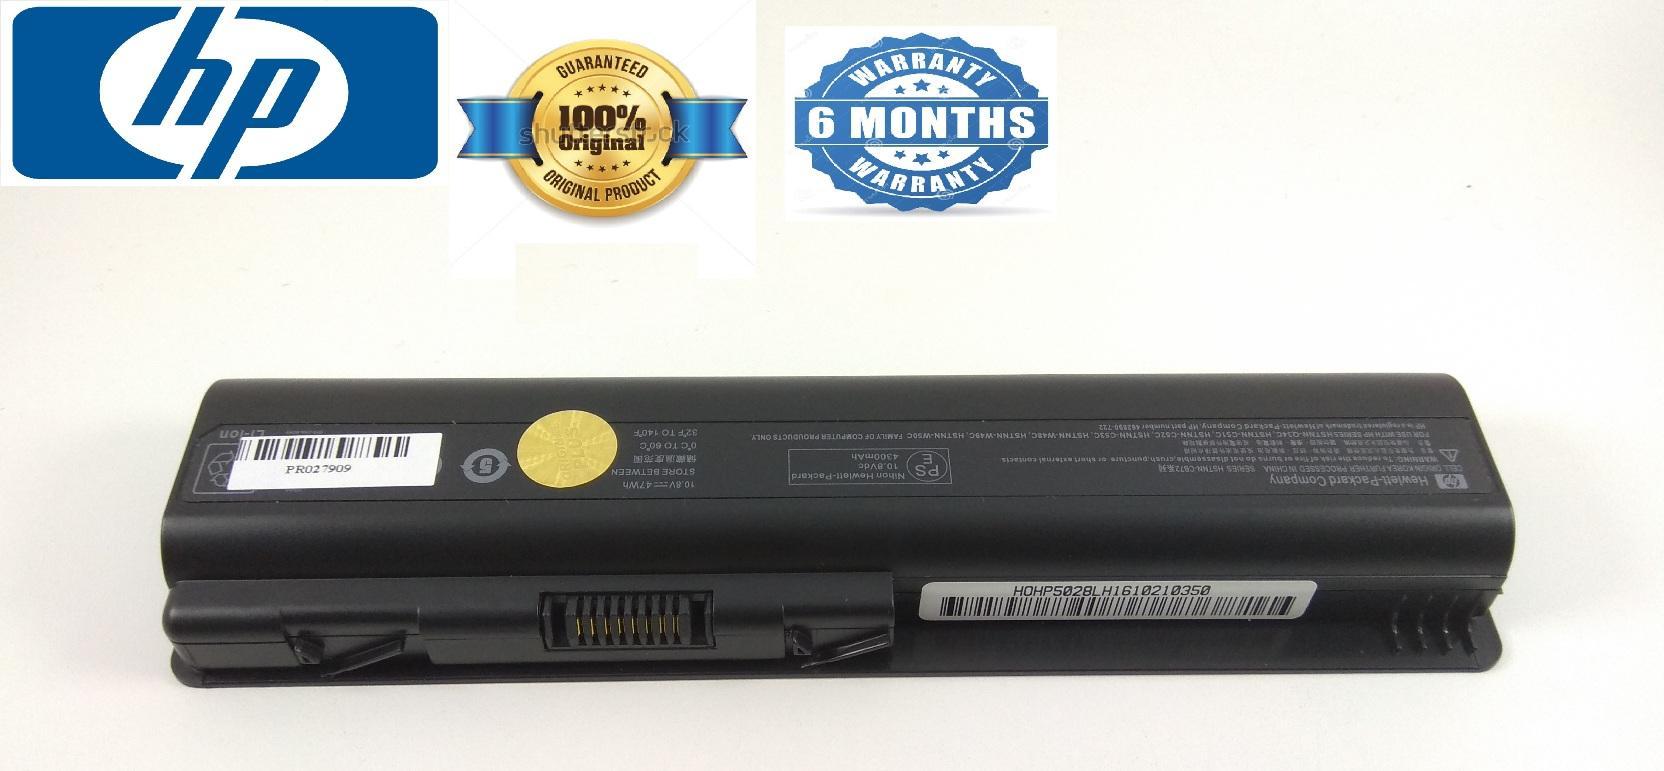 HP Baterai Original Compaq Presario CQ40 CQ41 CQ45 CQ60 CQ61 CQ71 HP Pavilion DV4 DV5 DV6 ORI